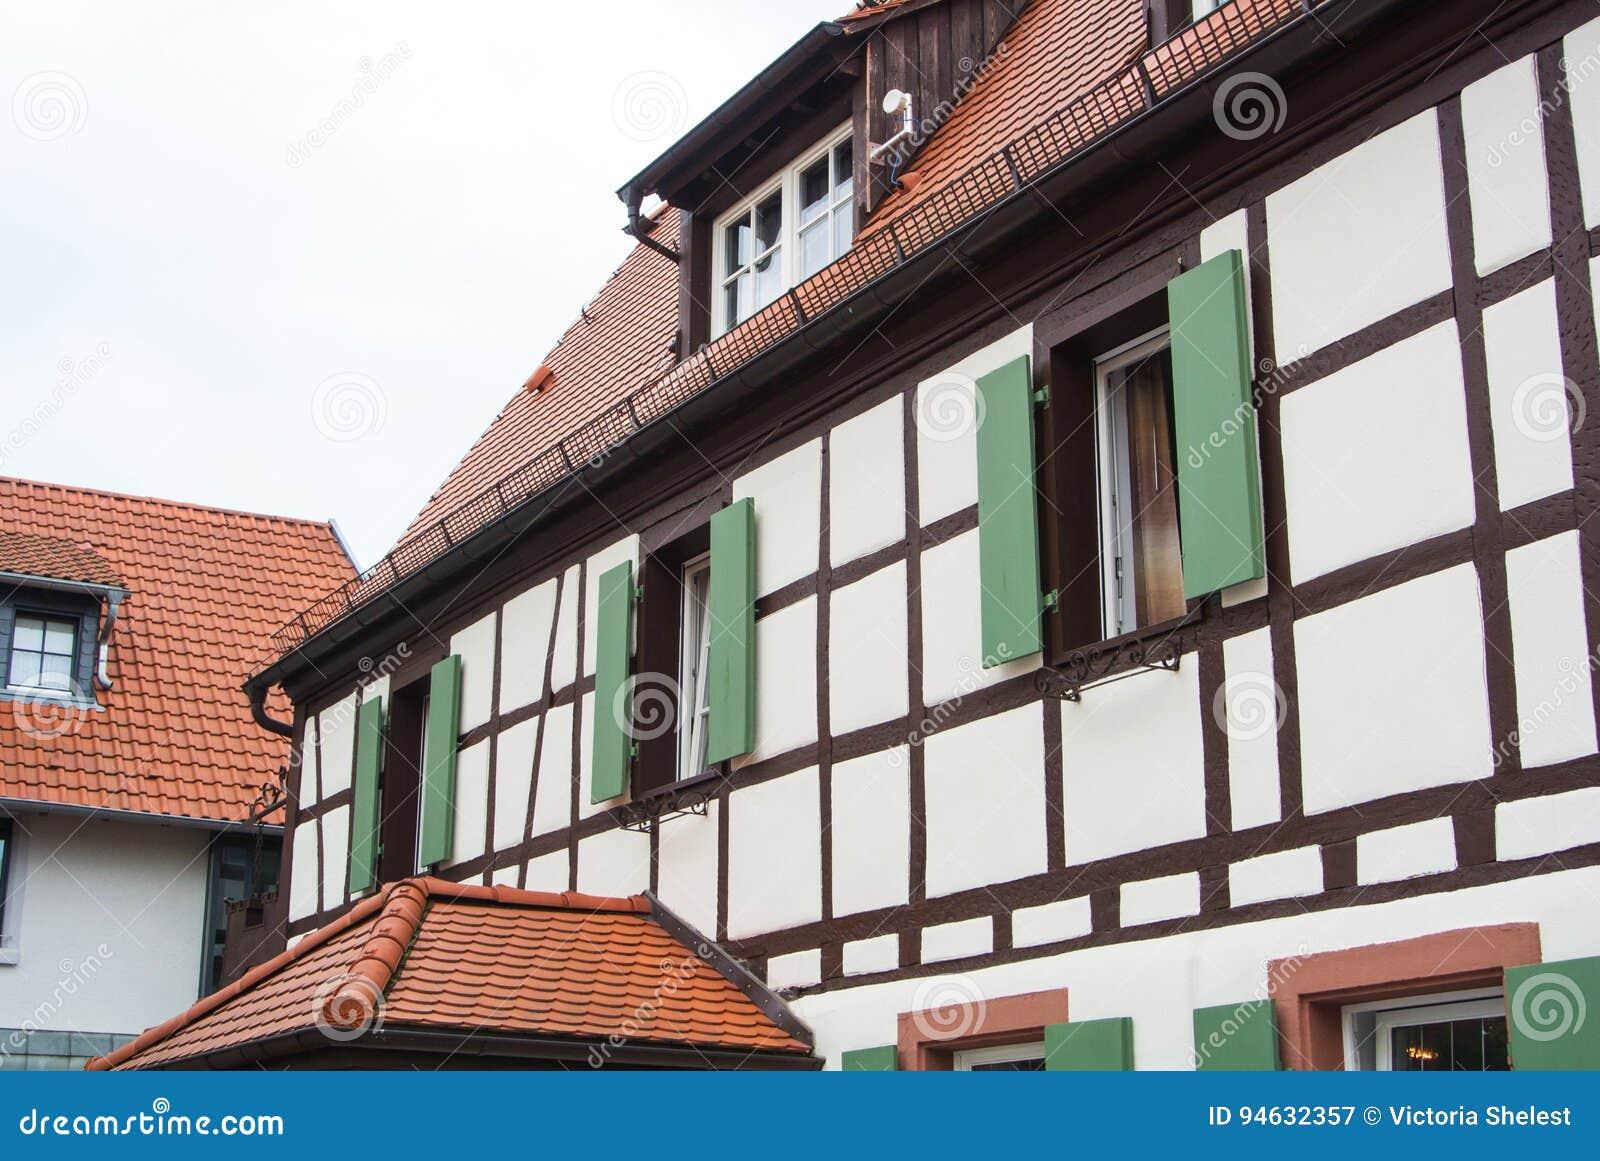 Decorazioni In Legno Per La Casa : Casa a graticcio del villaggio tedesco tradizionale con la